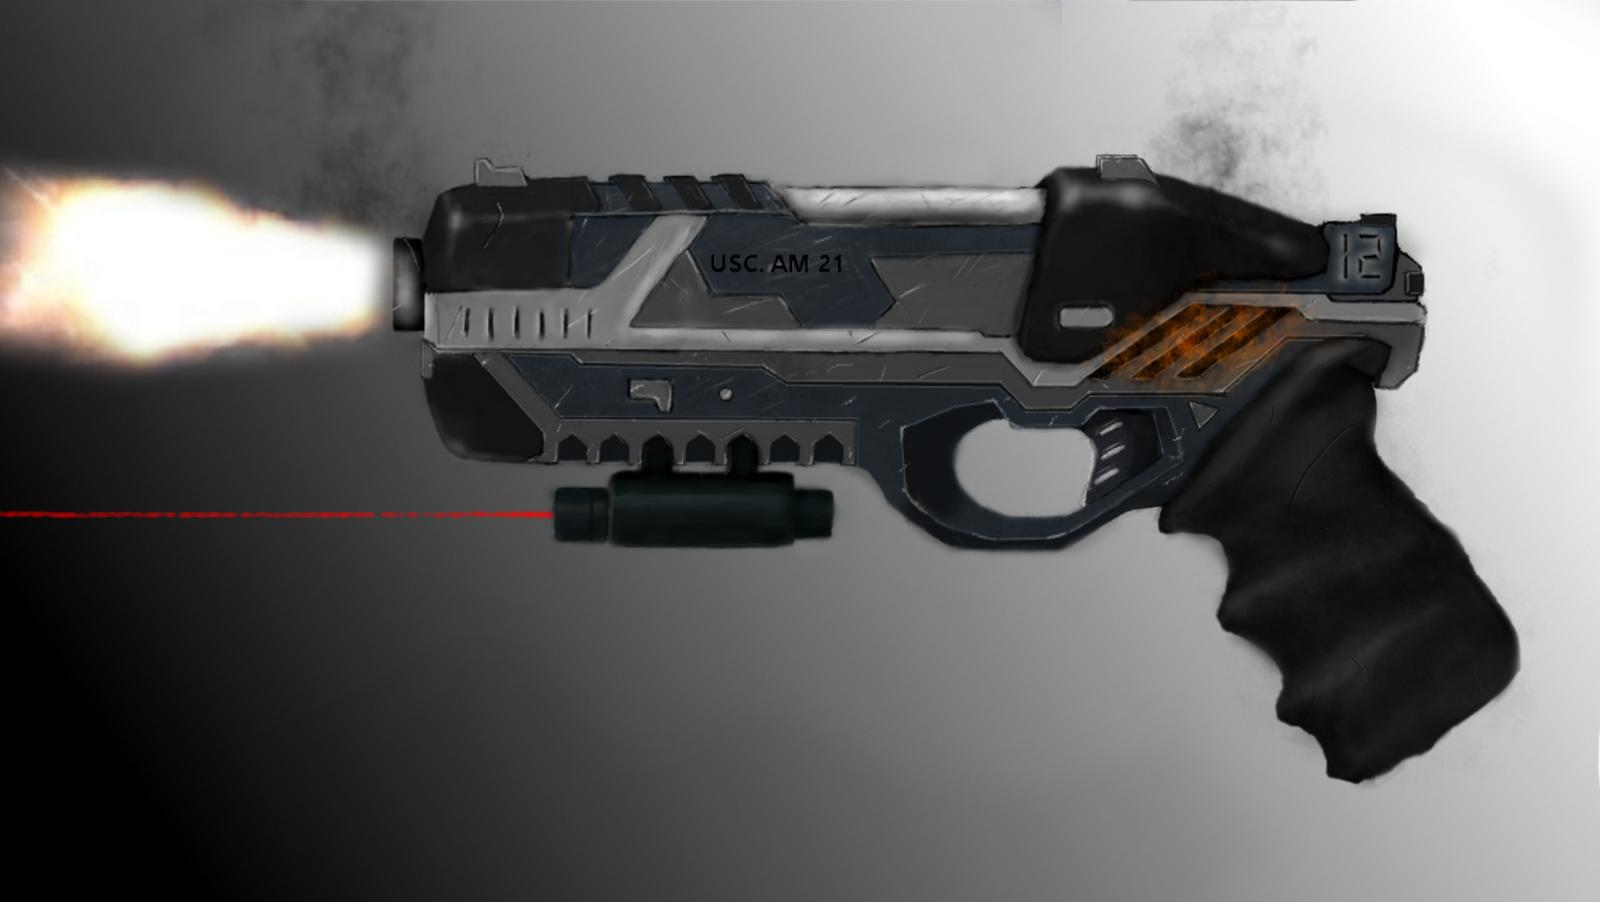 futuristic pistol concept art by braffe on deviantart